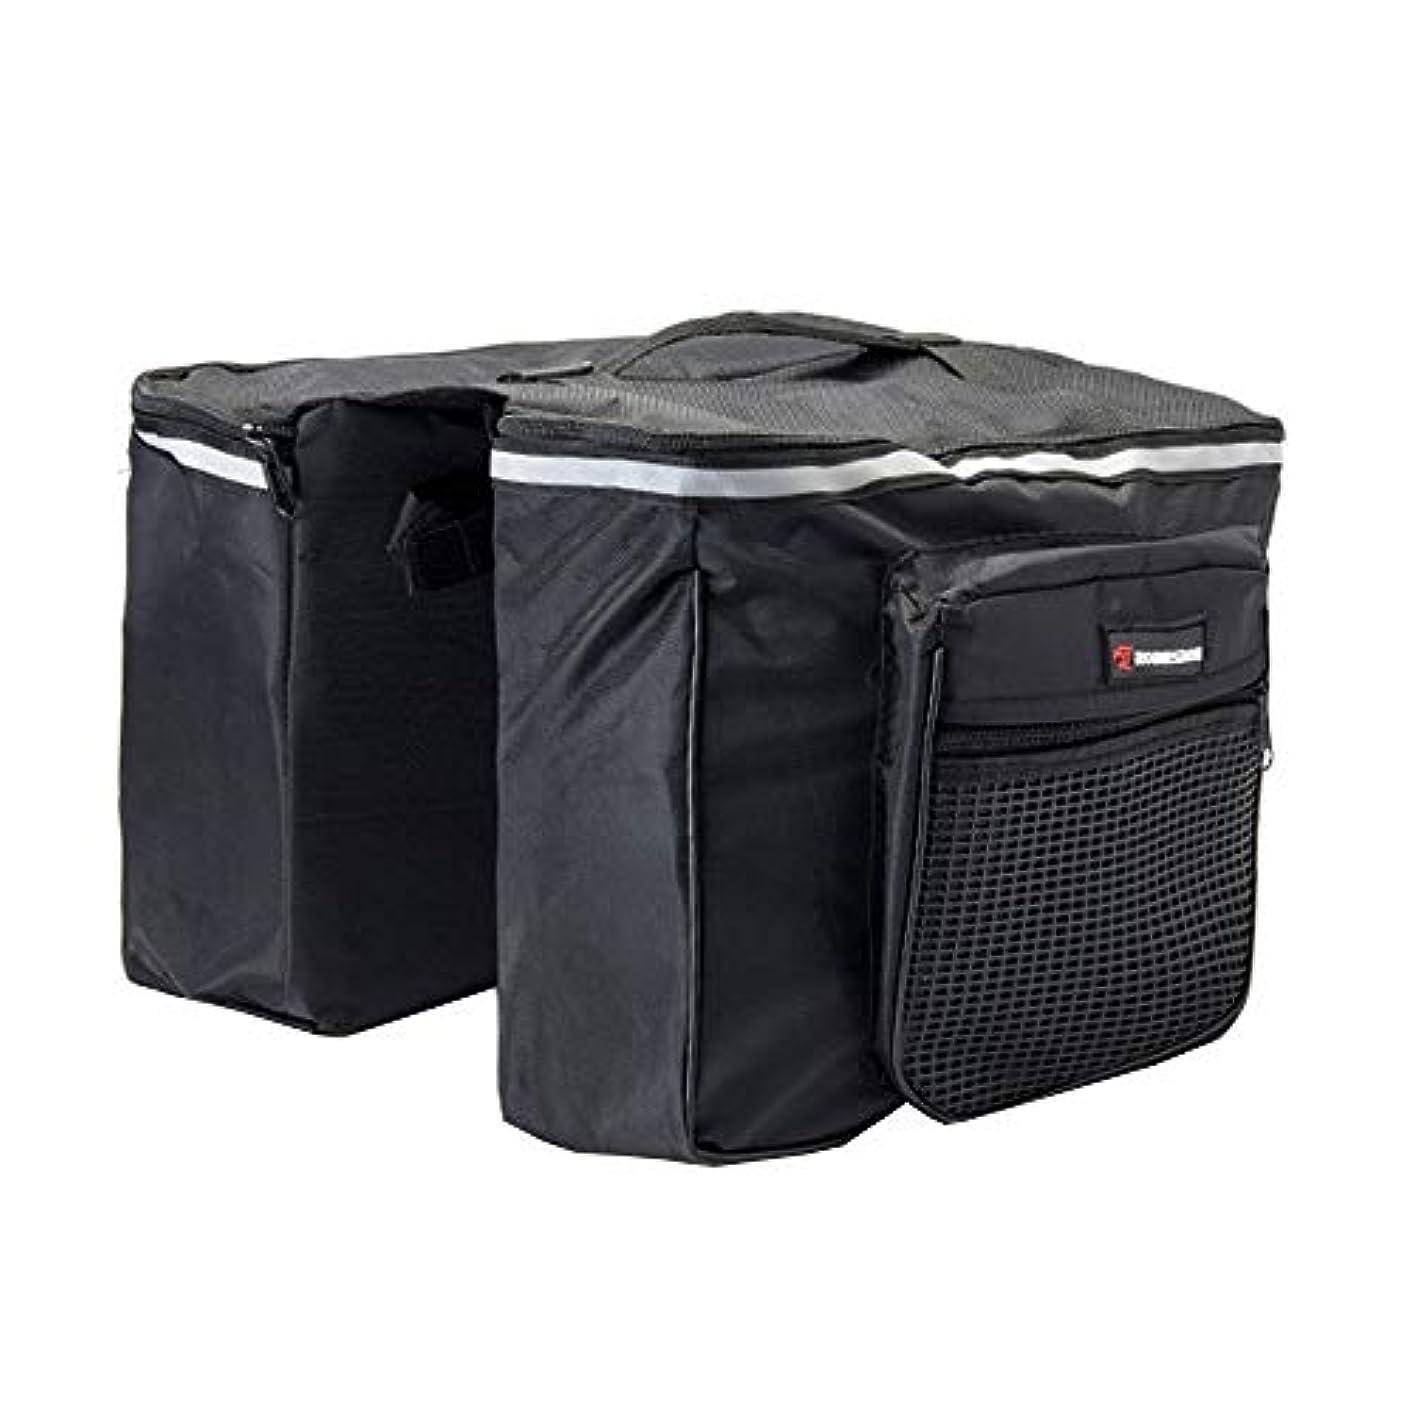 不承認石炭保存サイクリングバッグ、25L 防水および引き裂き抵抗 マウンテンバイクリアバッグ サイクリング機器/フラットシェルフバッグ ブラック-LXZXZ